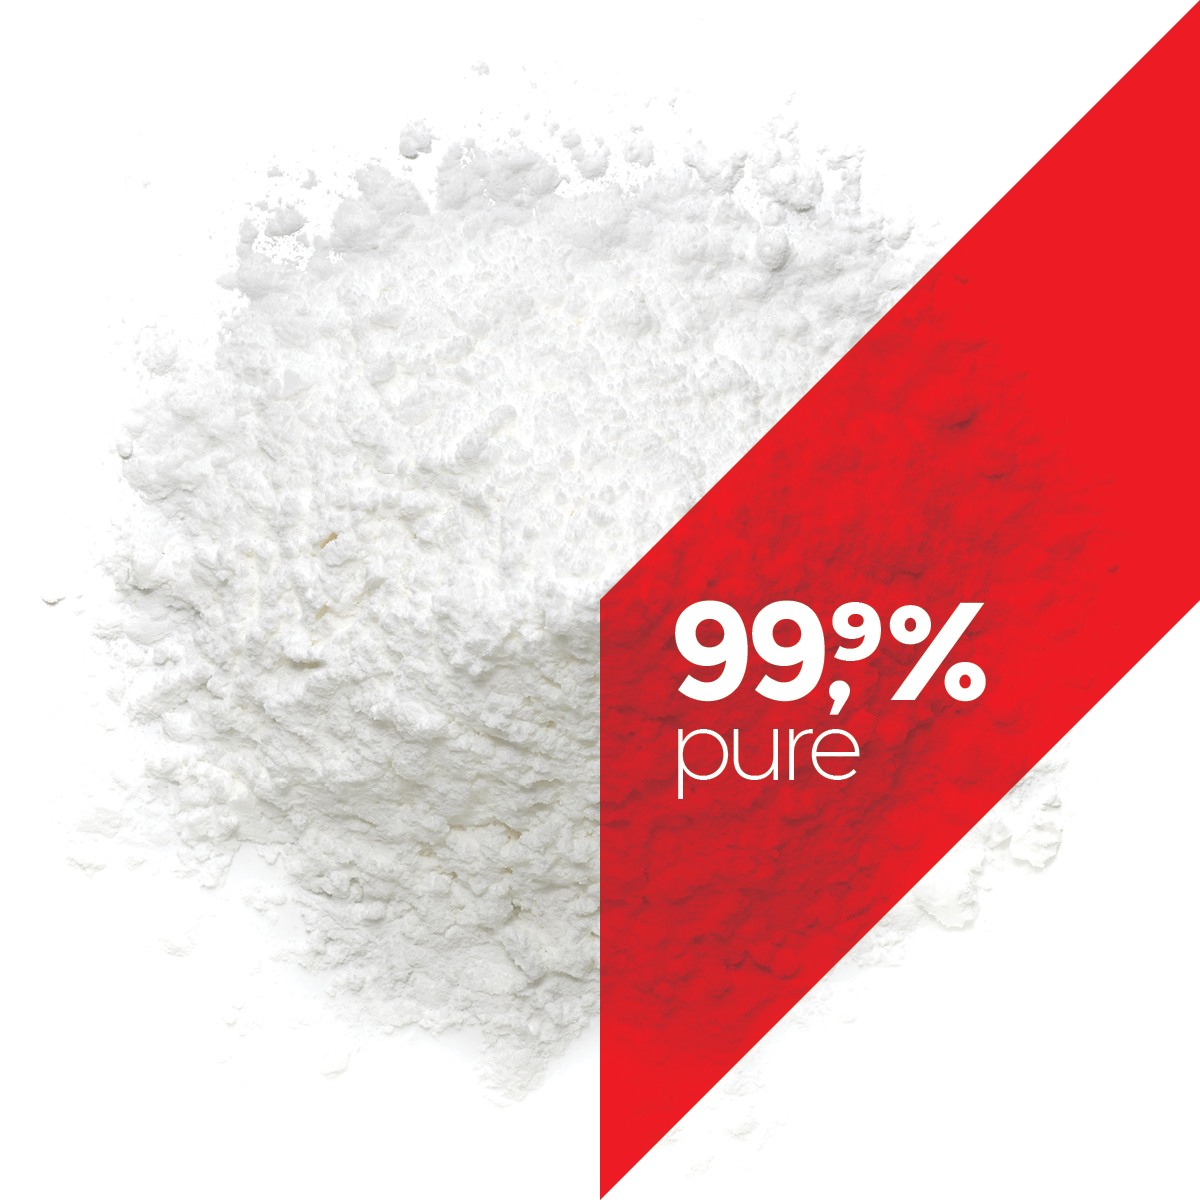 99,9% de CBD pur